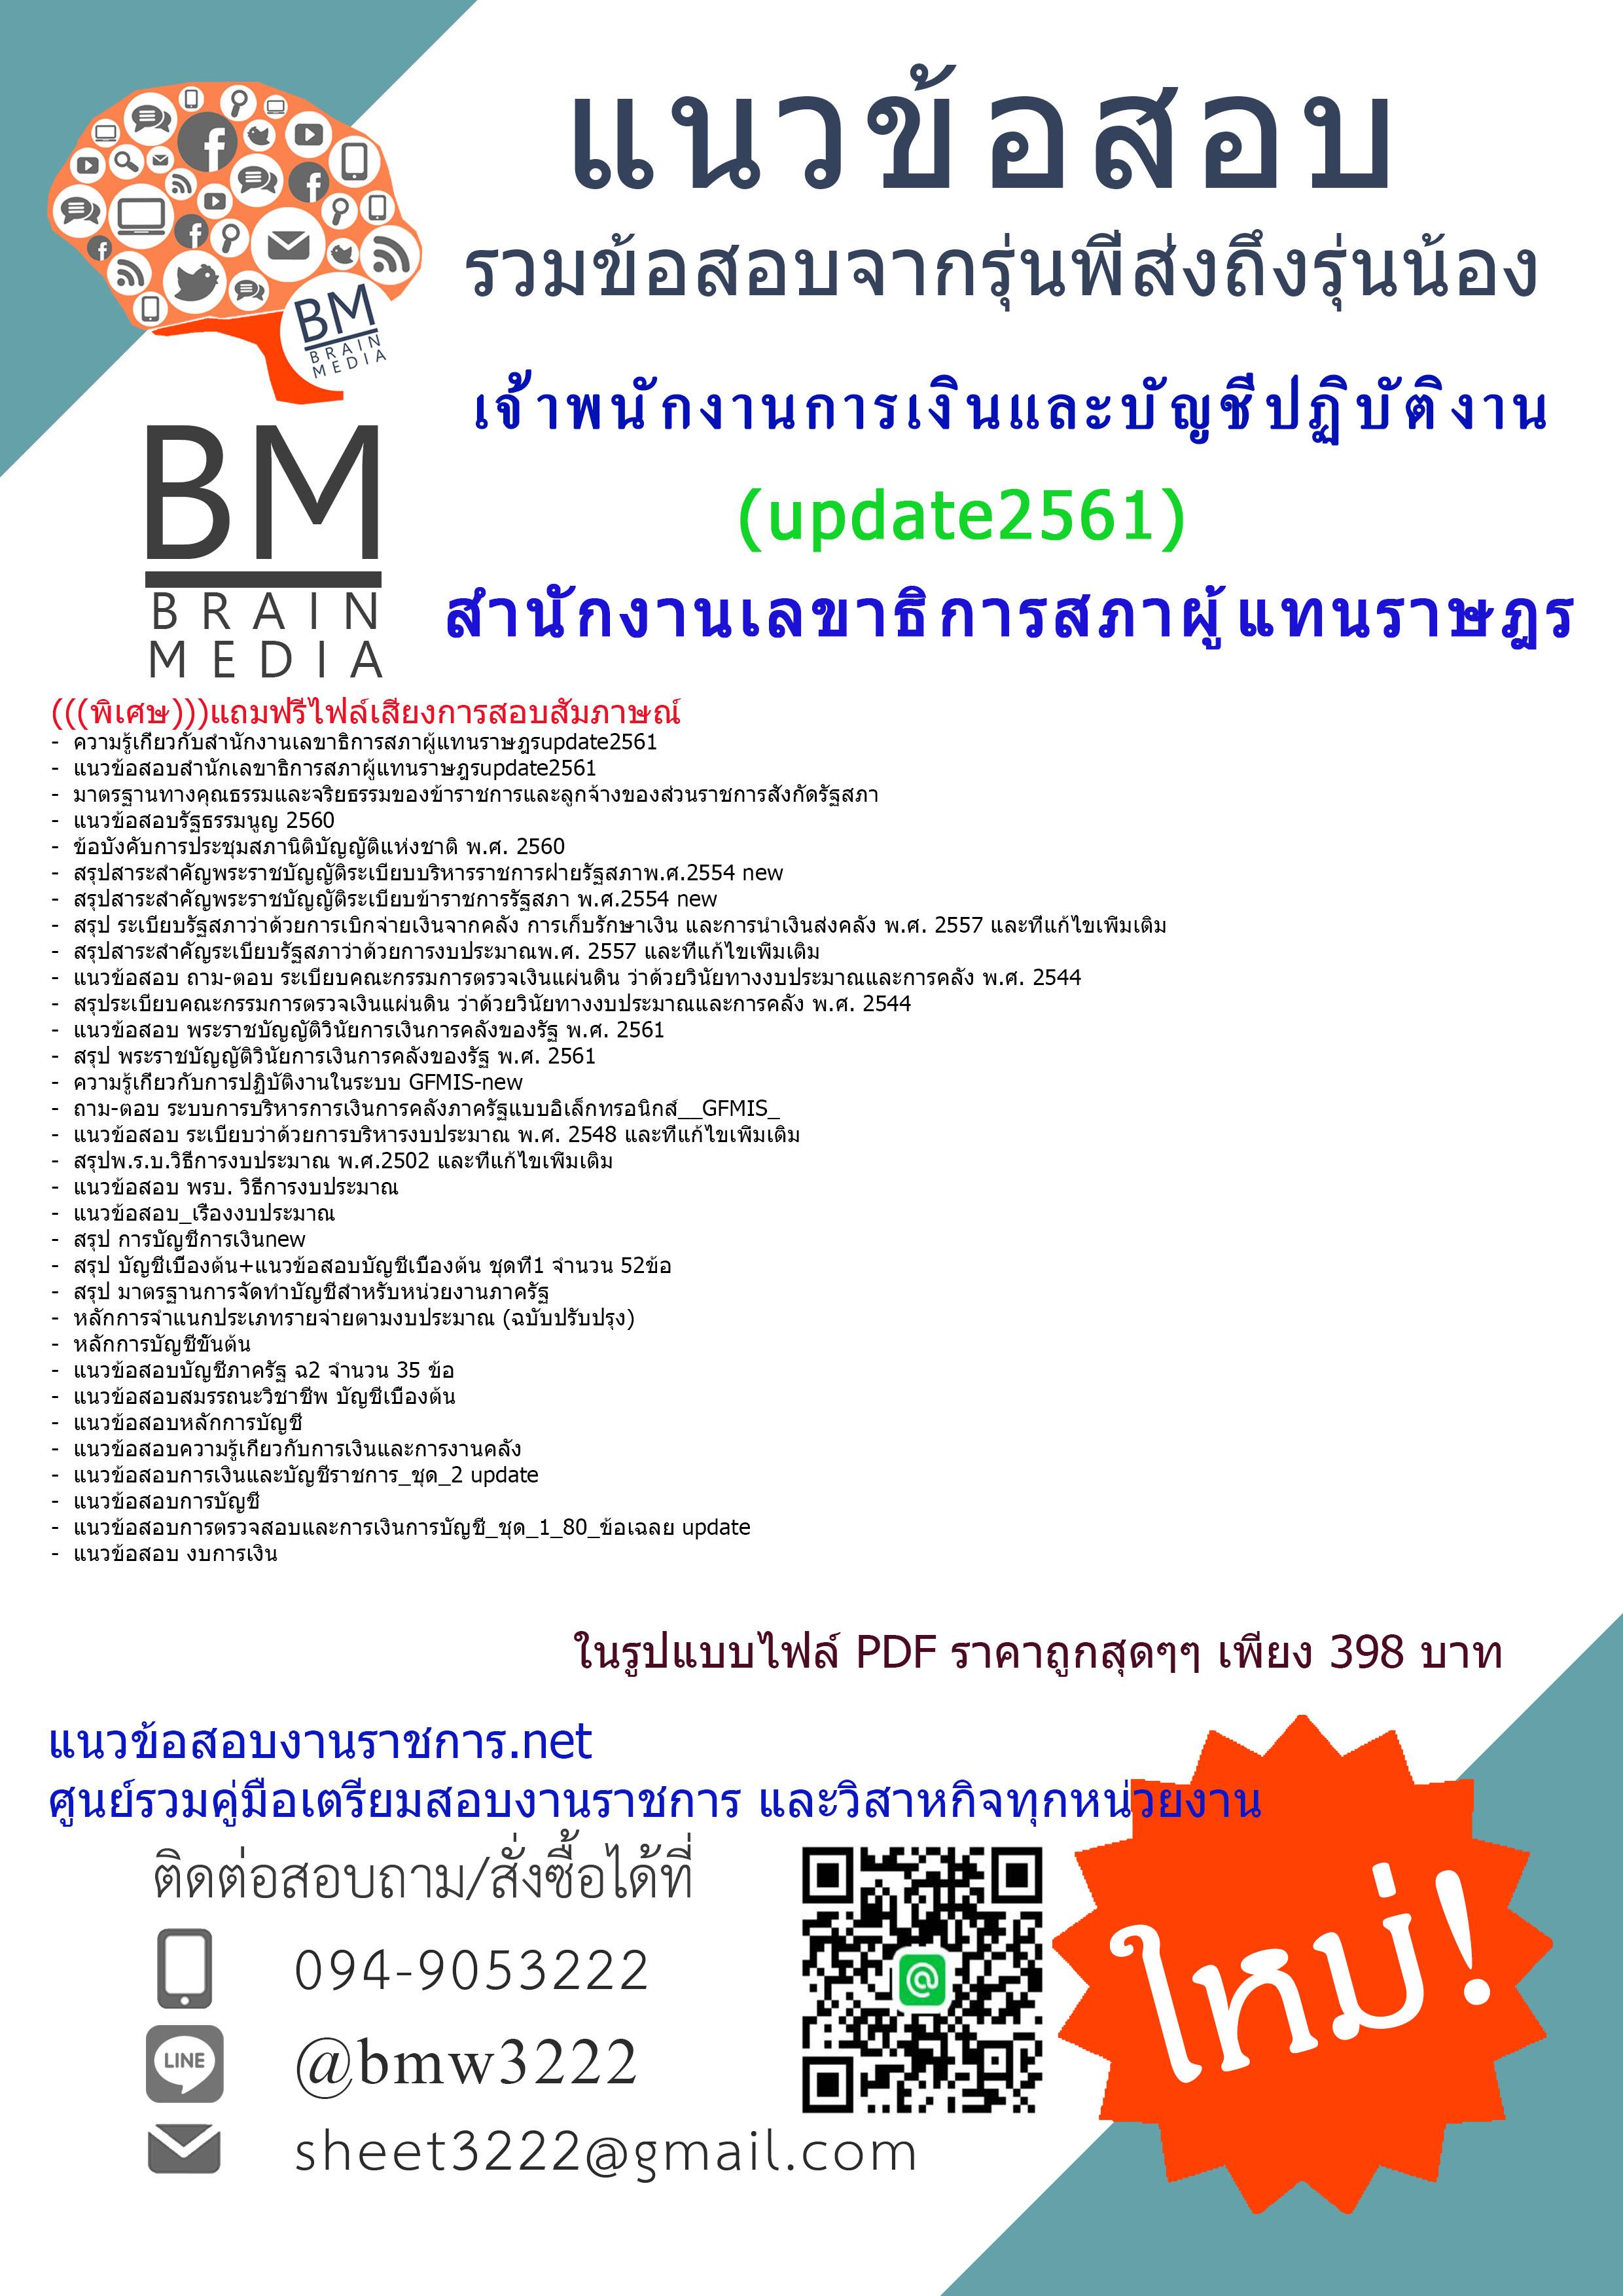 (((ปรับปรุงที่สุด)))แนวข้อสอบเจ้าพนักงานการเงินและบัญชีปฏิบัติงานสำนักงานเลขาธิการสภาผู้แทนราษฎร2561